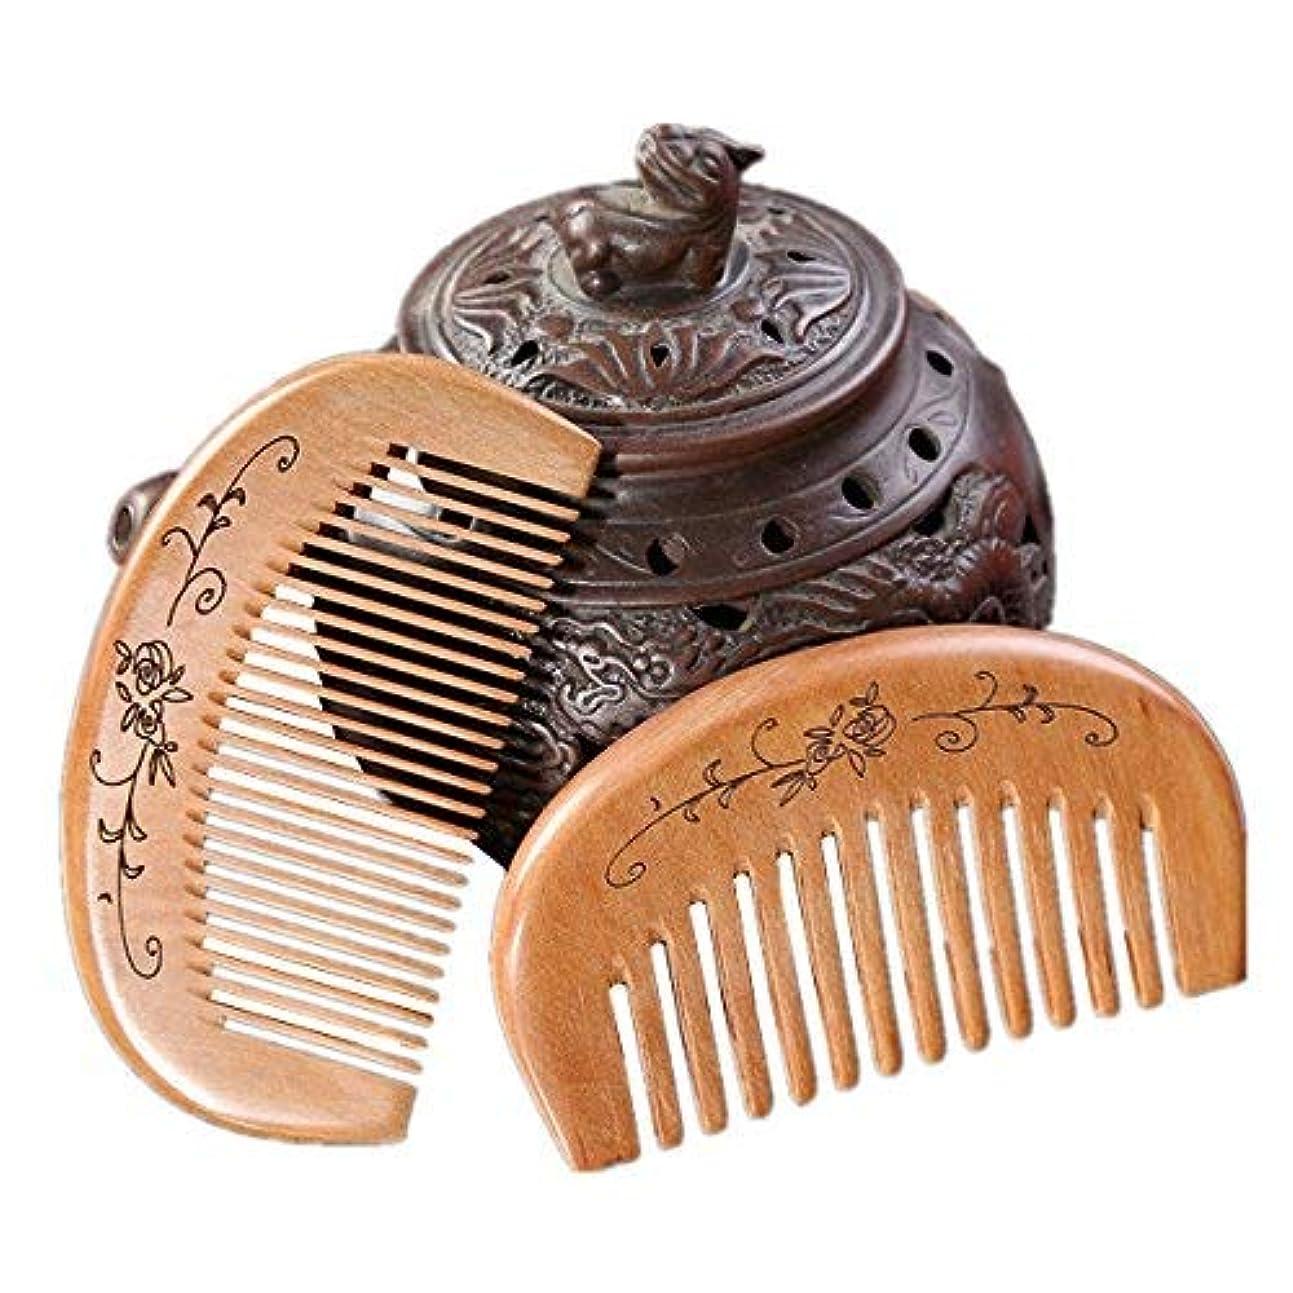 椅子引く暴力的なXINFU Natural Peachwood Portable Mini Hair Comb 2-Pieces Anti Static Relieve Fatigue Massage Comb [並行輸入品]